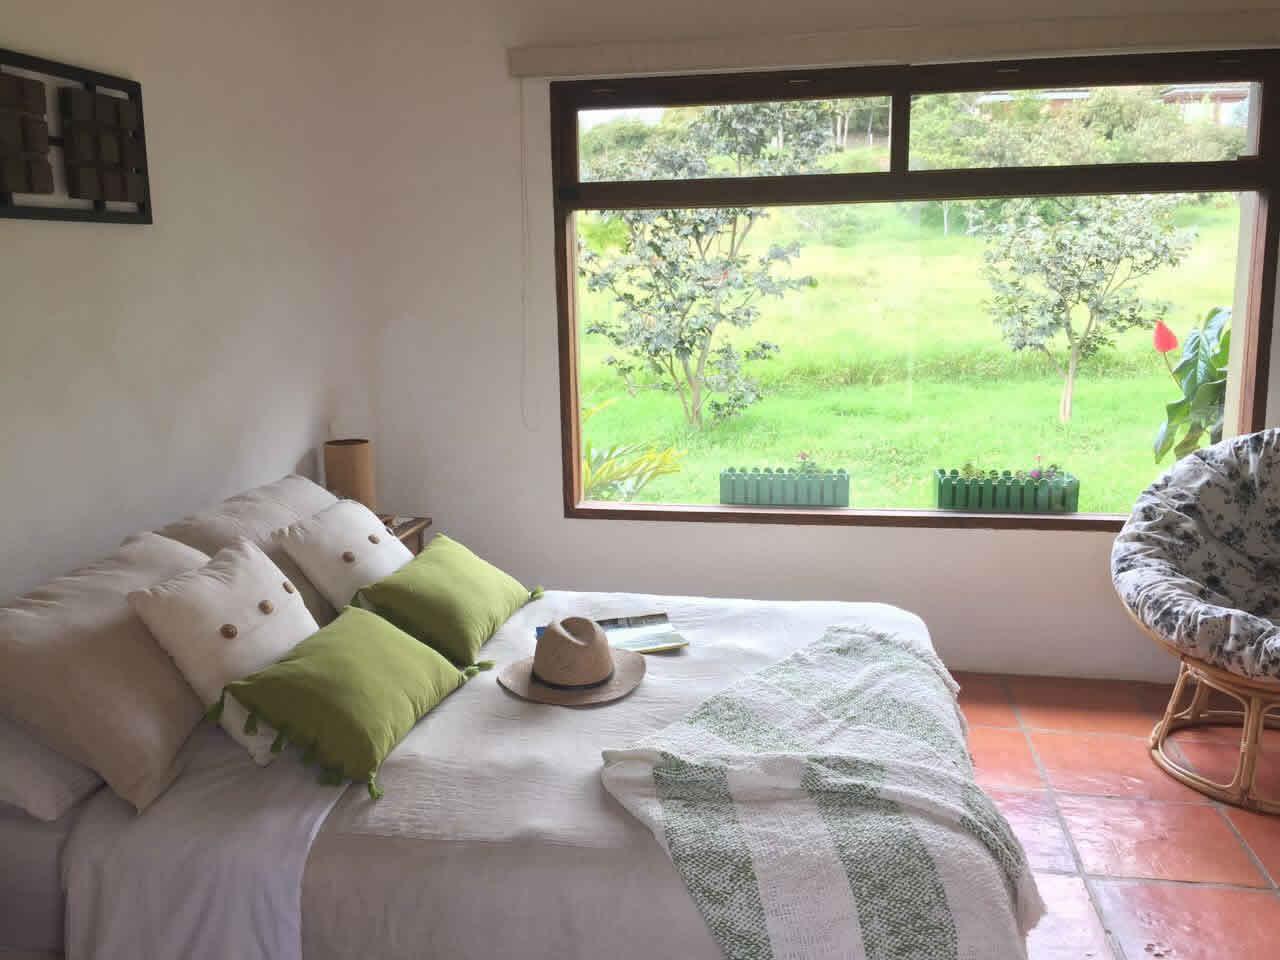 Alquiler Casa del Viento en Villa de de Leyva - Habitación